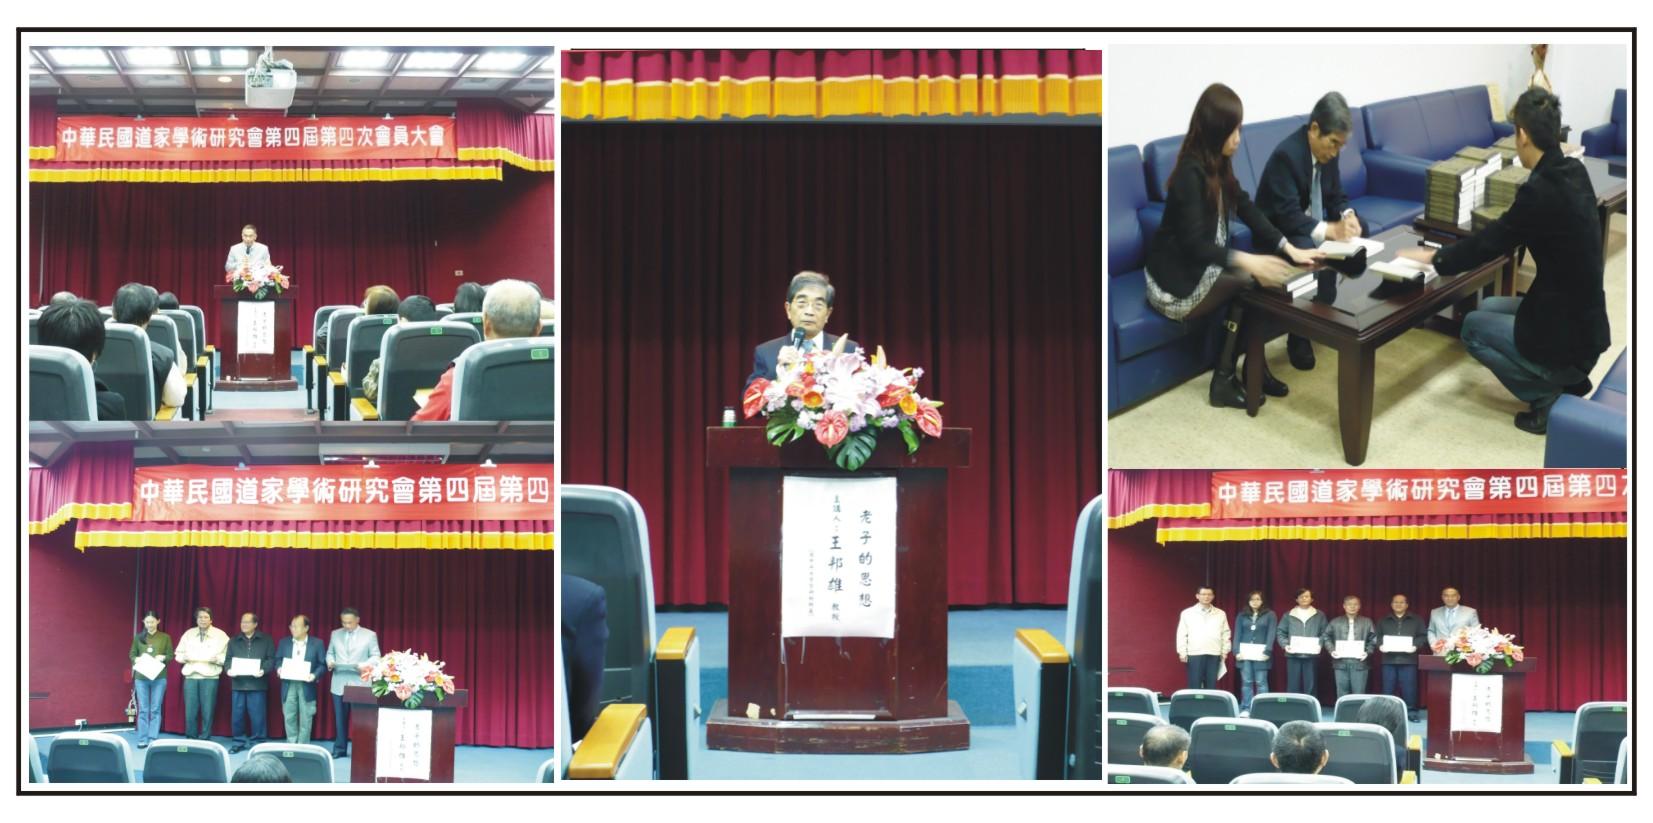 國學大師 王邦雄教授專題演講『老子的思想』